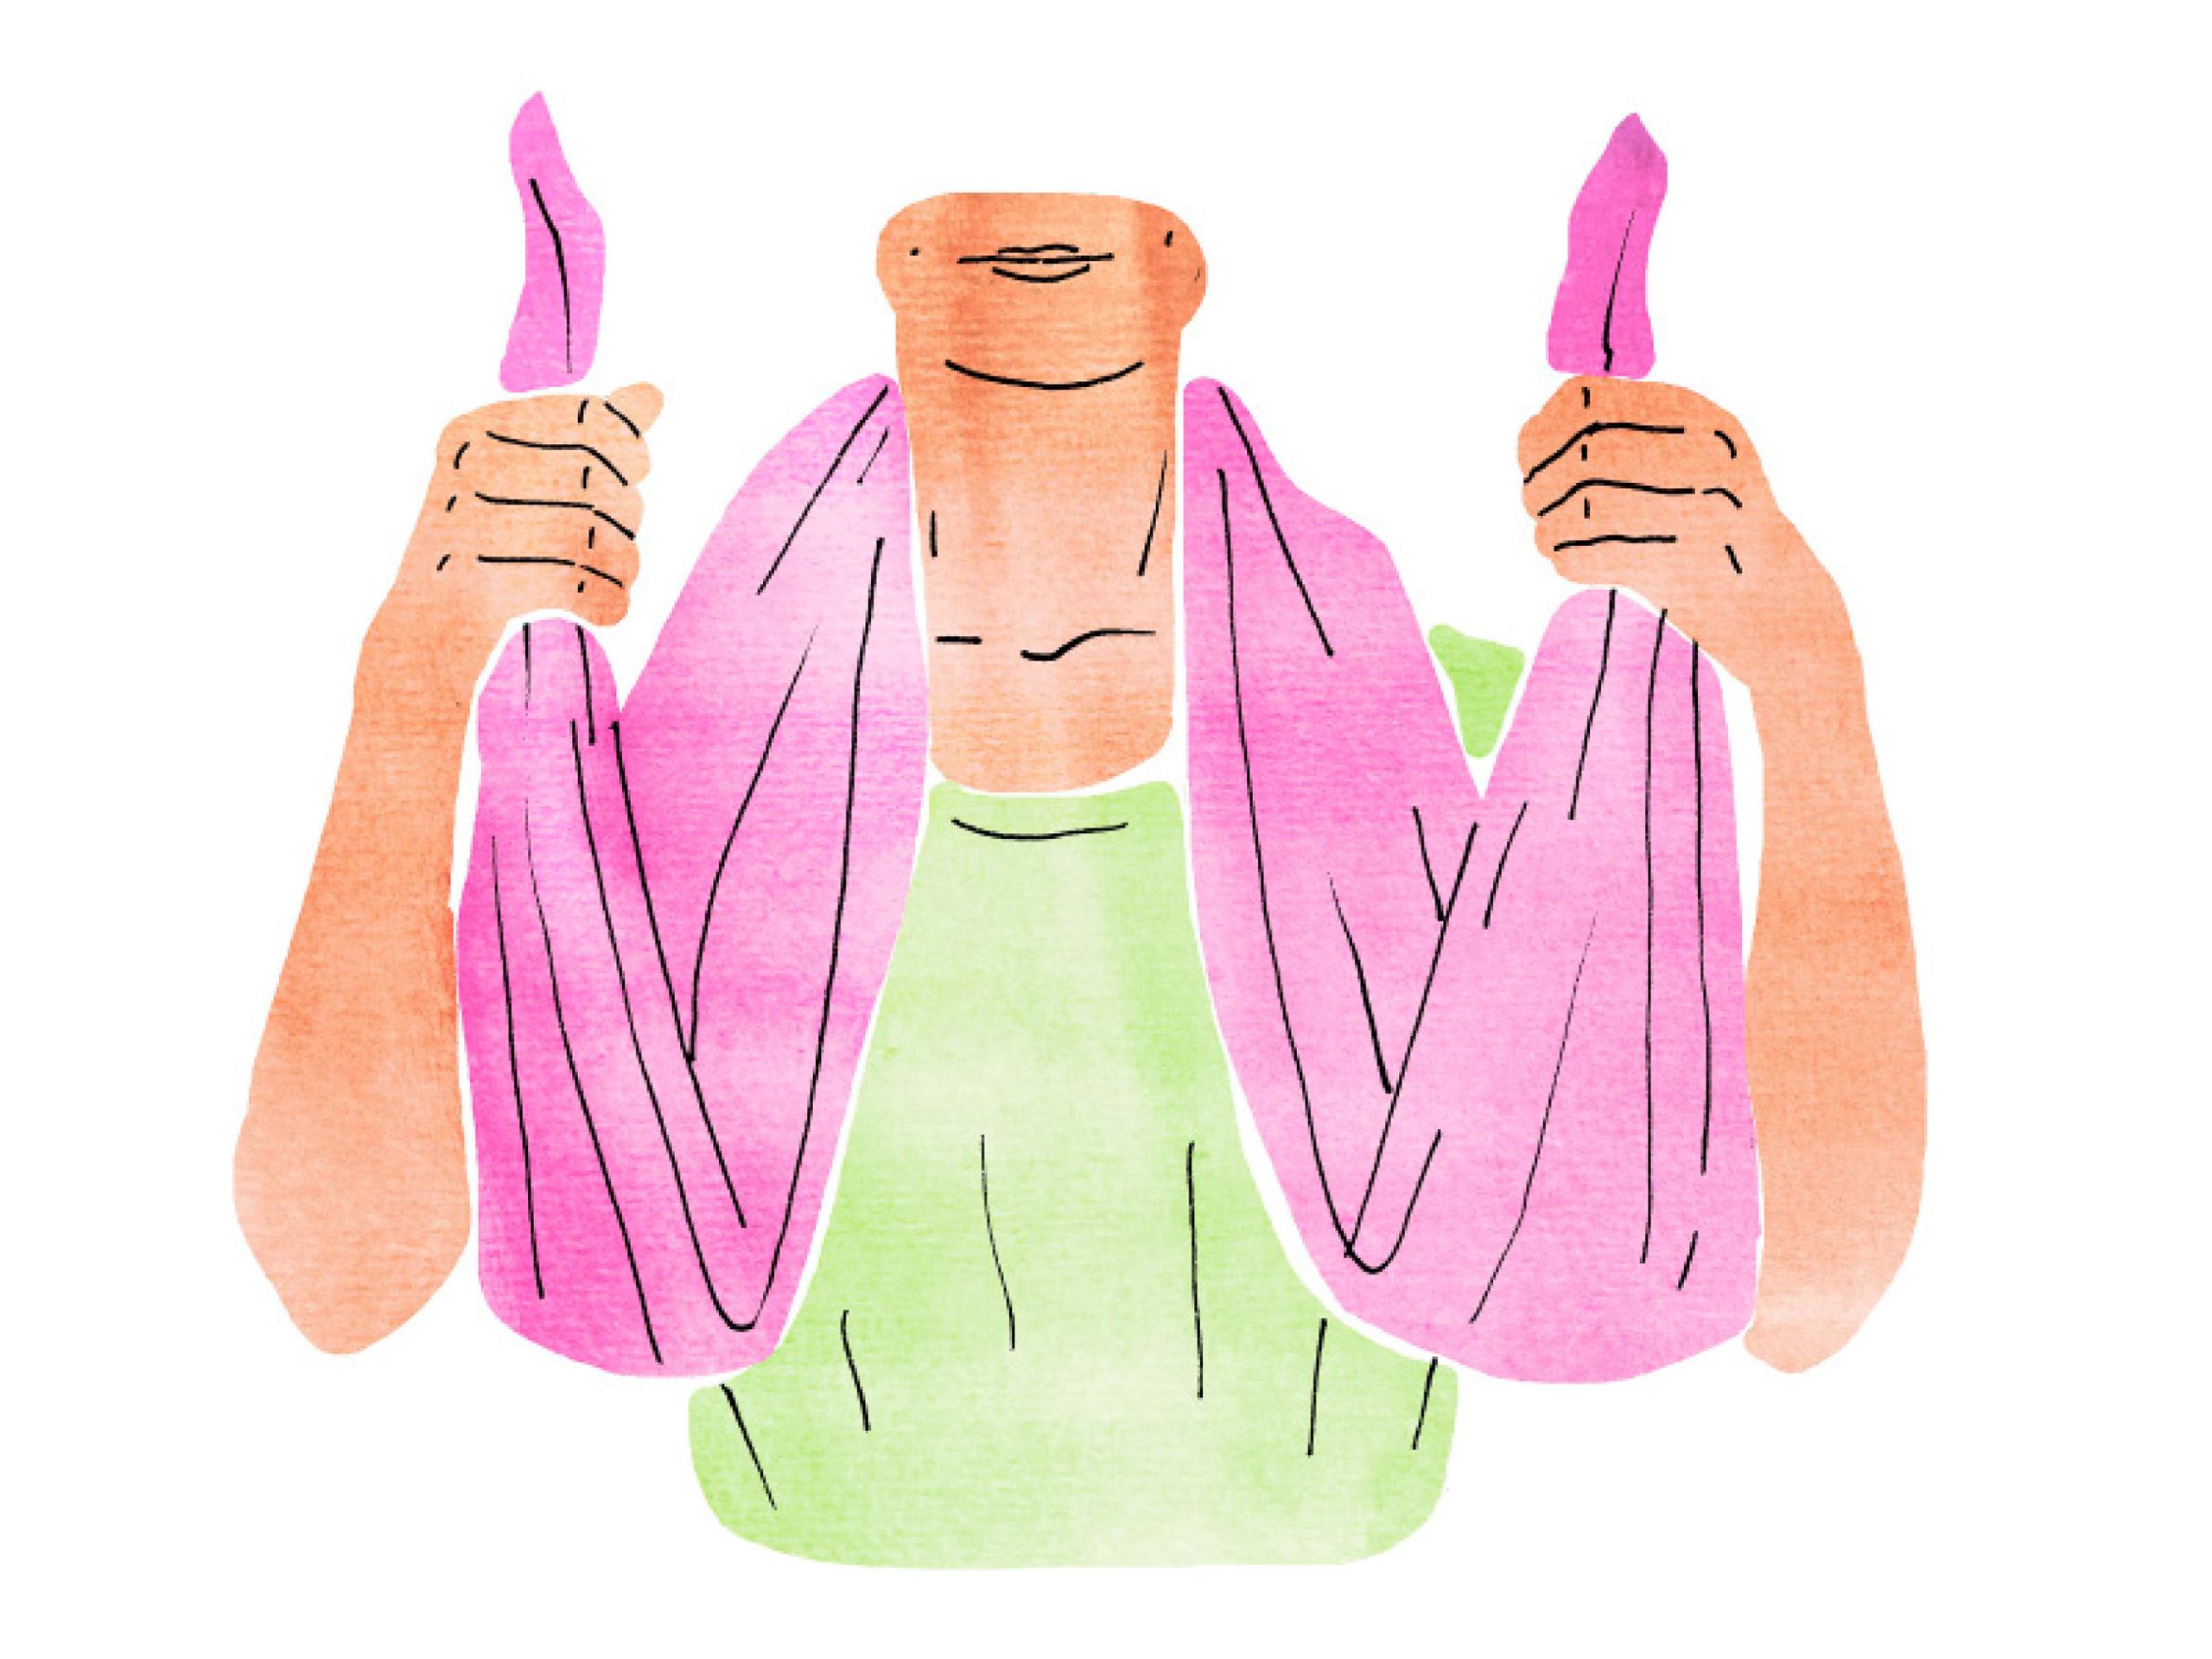 5 kivaa tapaa solmia kaulahuivi – katso video!